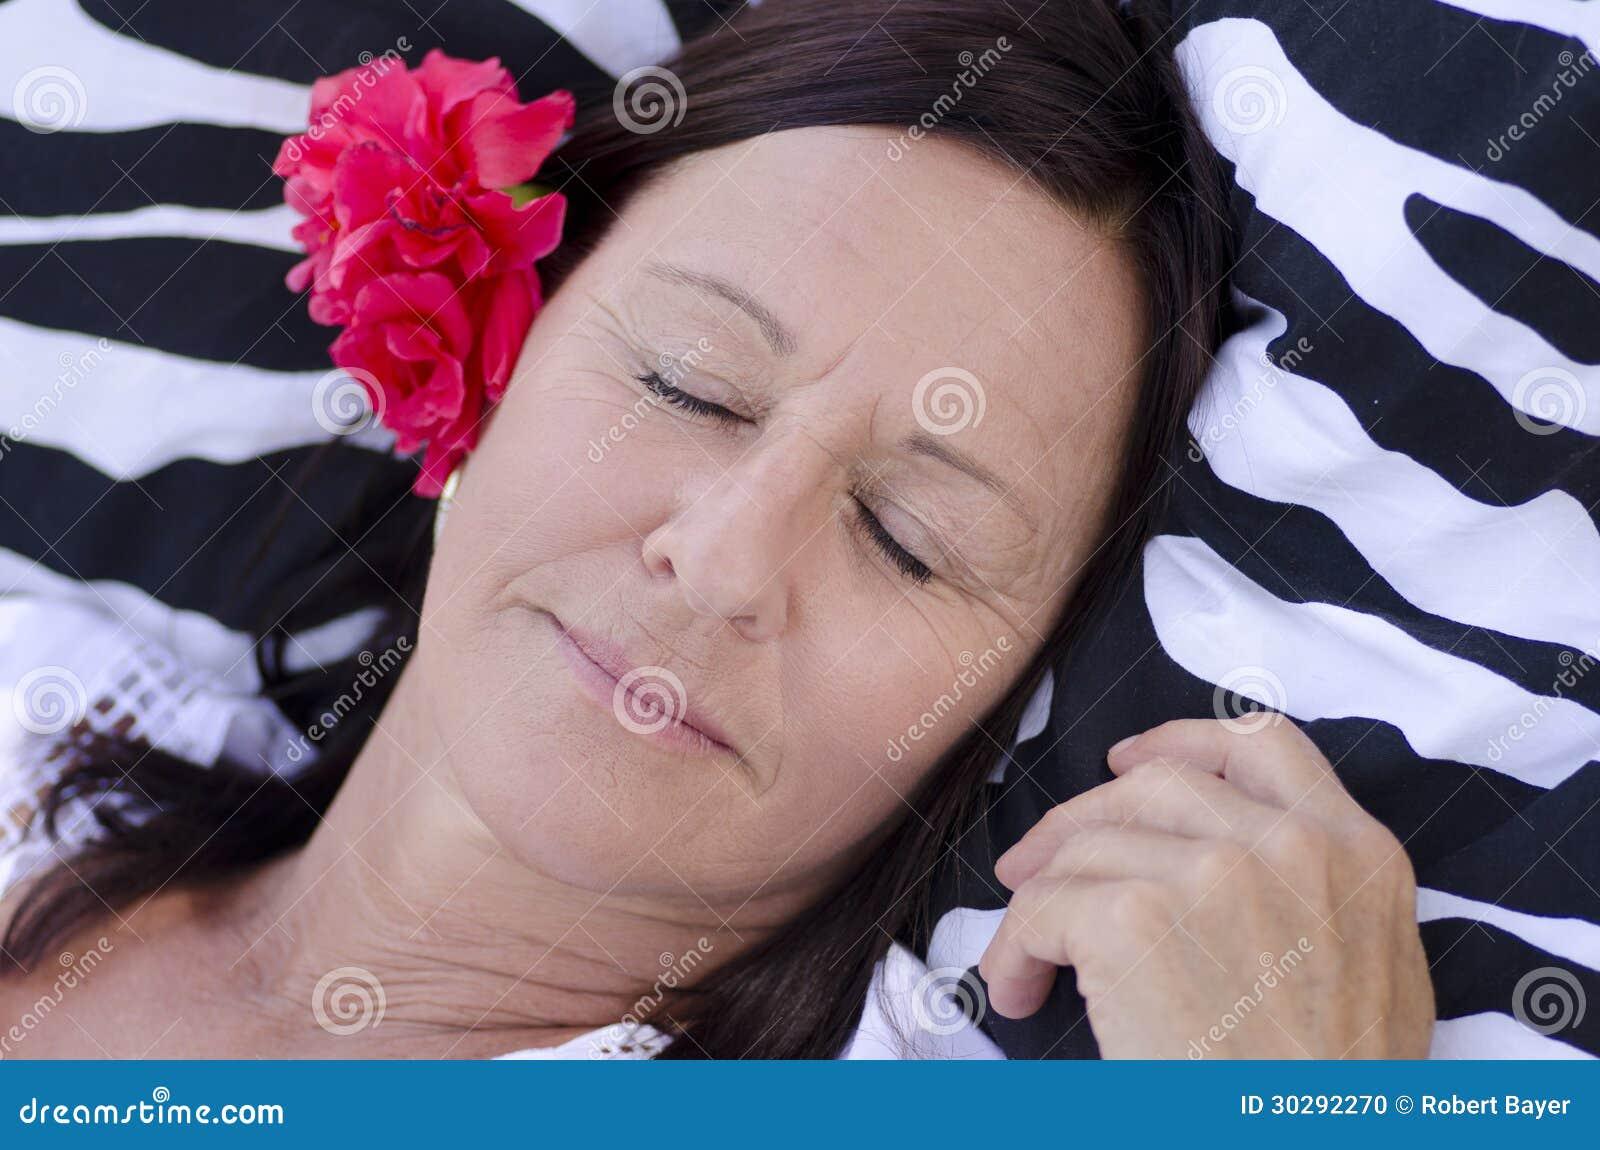 Mature woman photo-1040